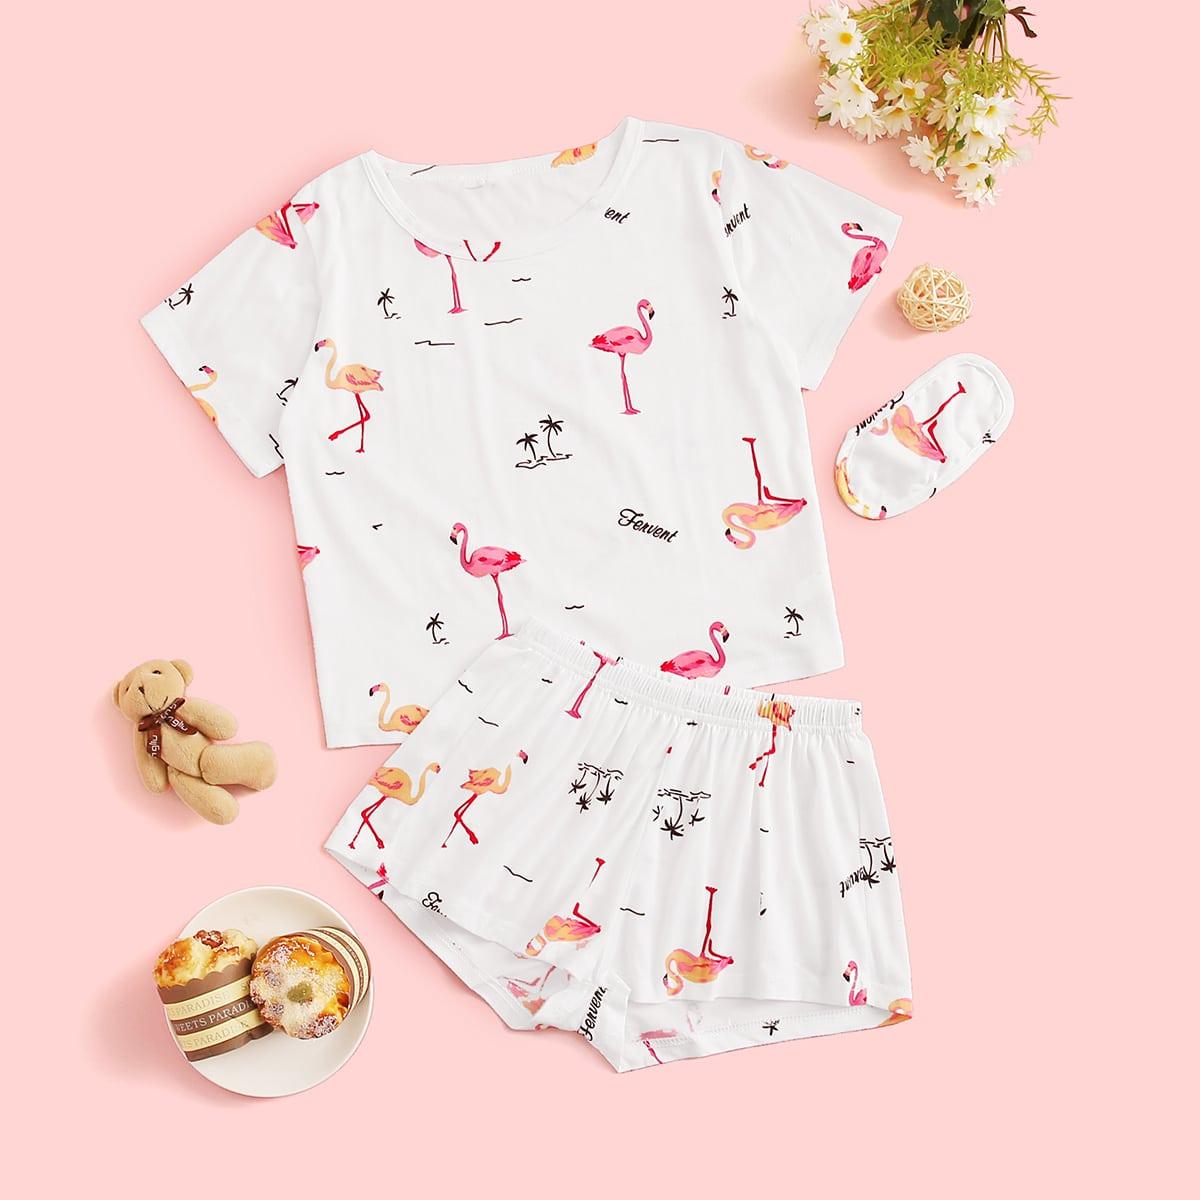 Маска для глаз и пижама с оригинальным принтом для девочек от SHEIN